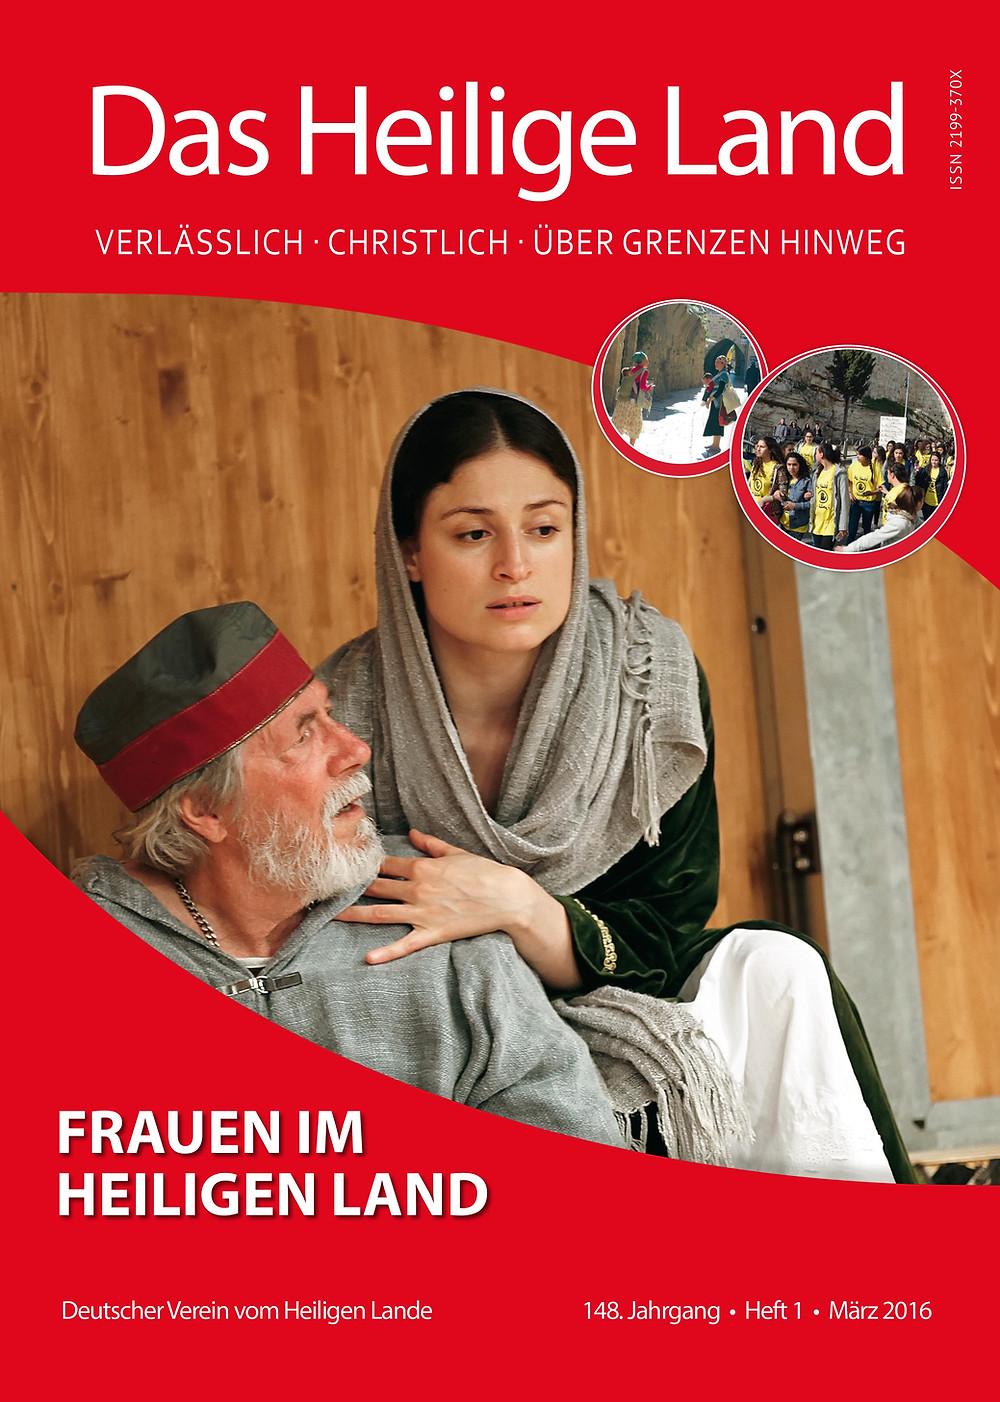 Das Heilige Land - Das Magazin des DVHL